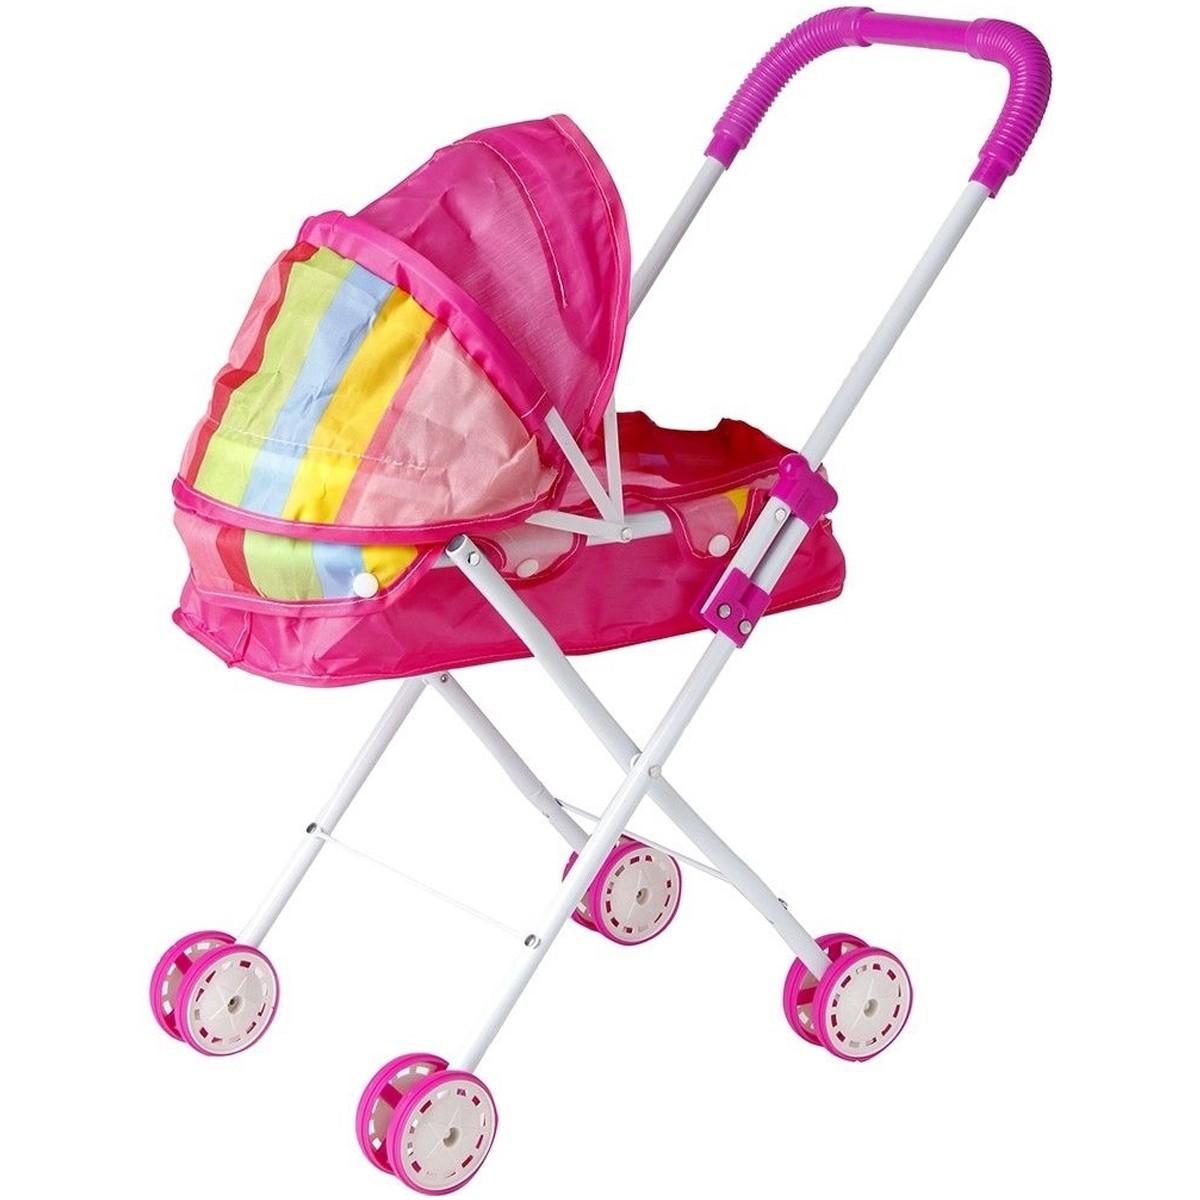 Carrinho de Boneca Dobrável Brinquedo Infantil - BW098